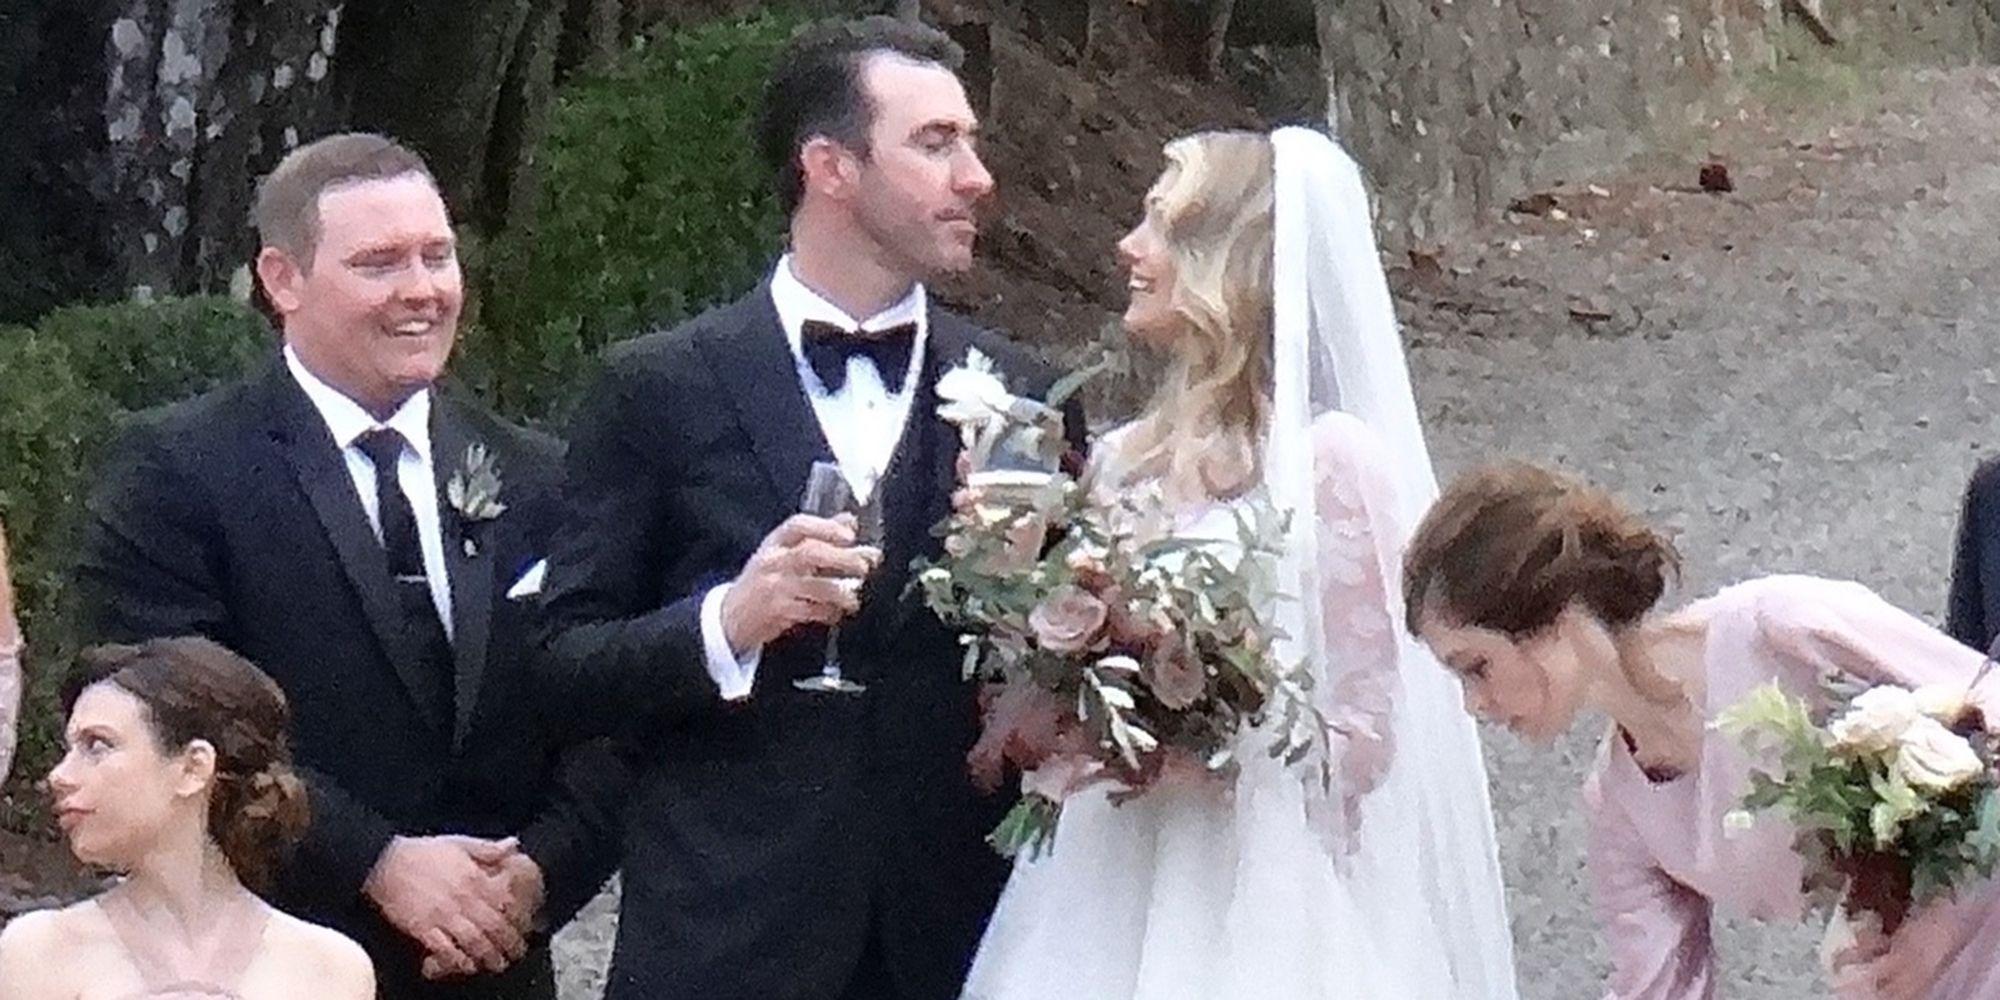 Kate Upton Wedding Dress.Kate Upton Wore Sheer Naked Wedding Dress See Kate Upton S Second